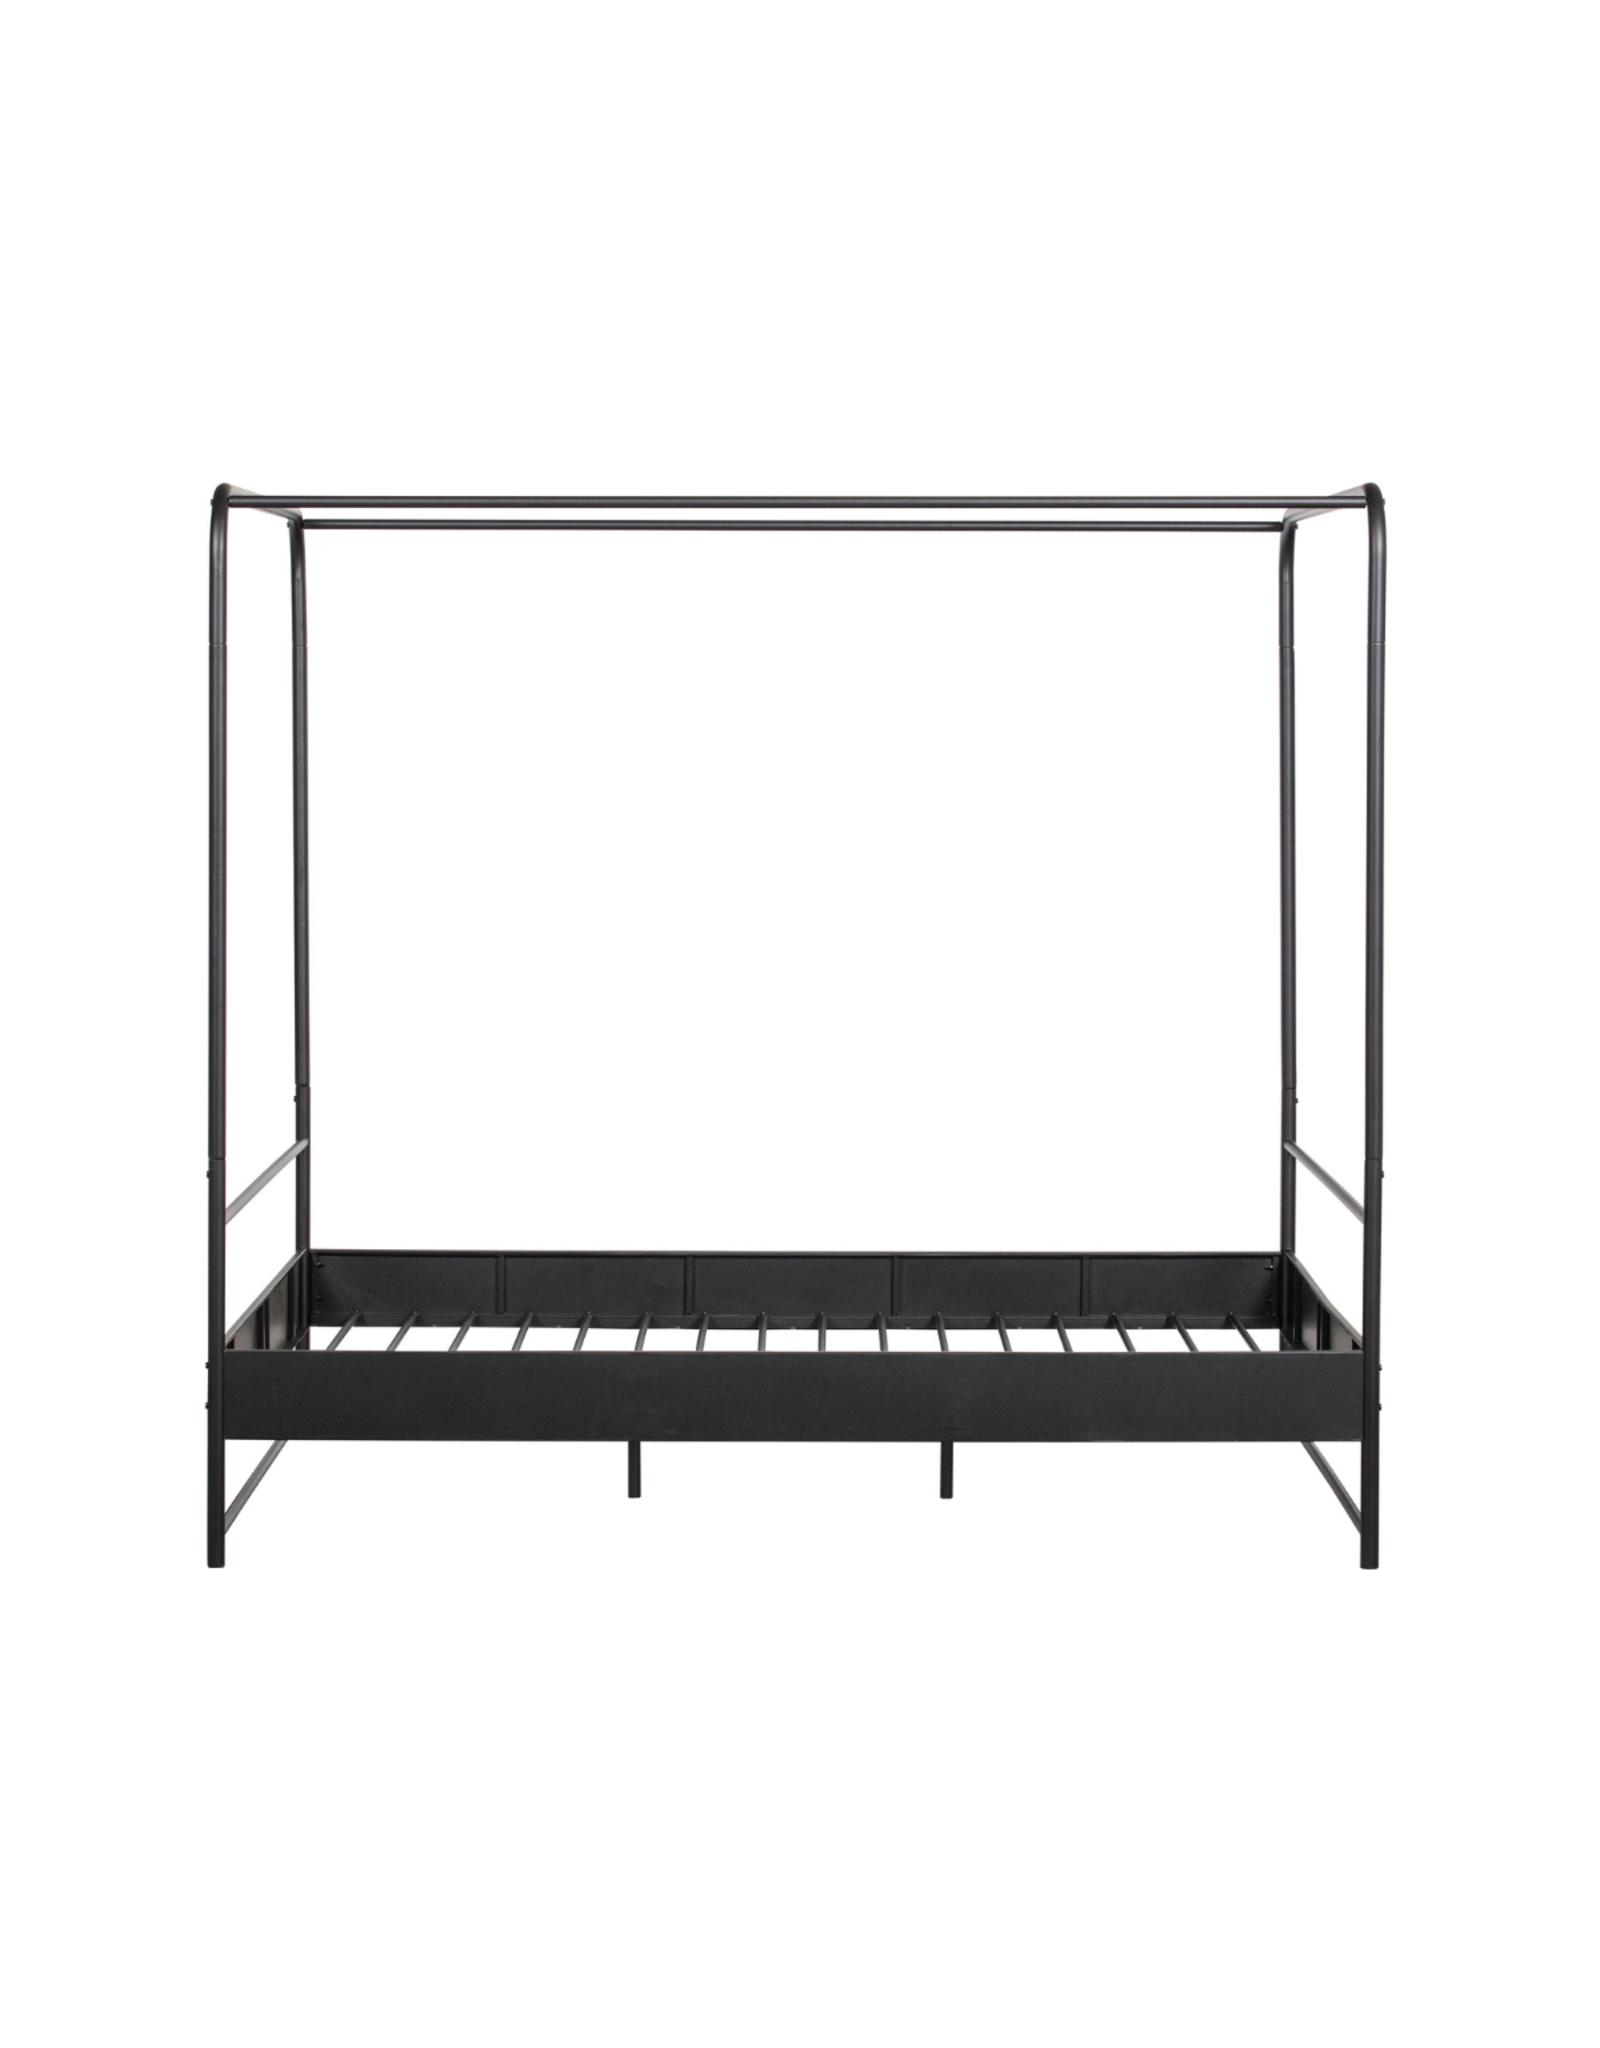 Hemelbed 160 x 200 cm - zwart metaal